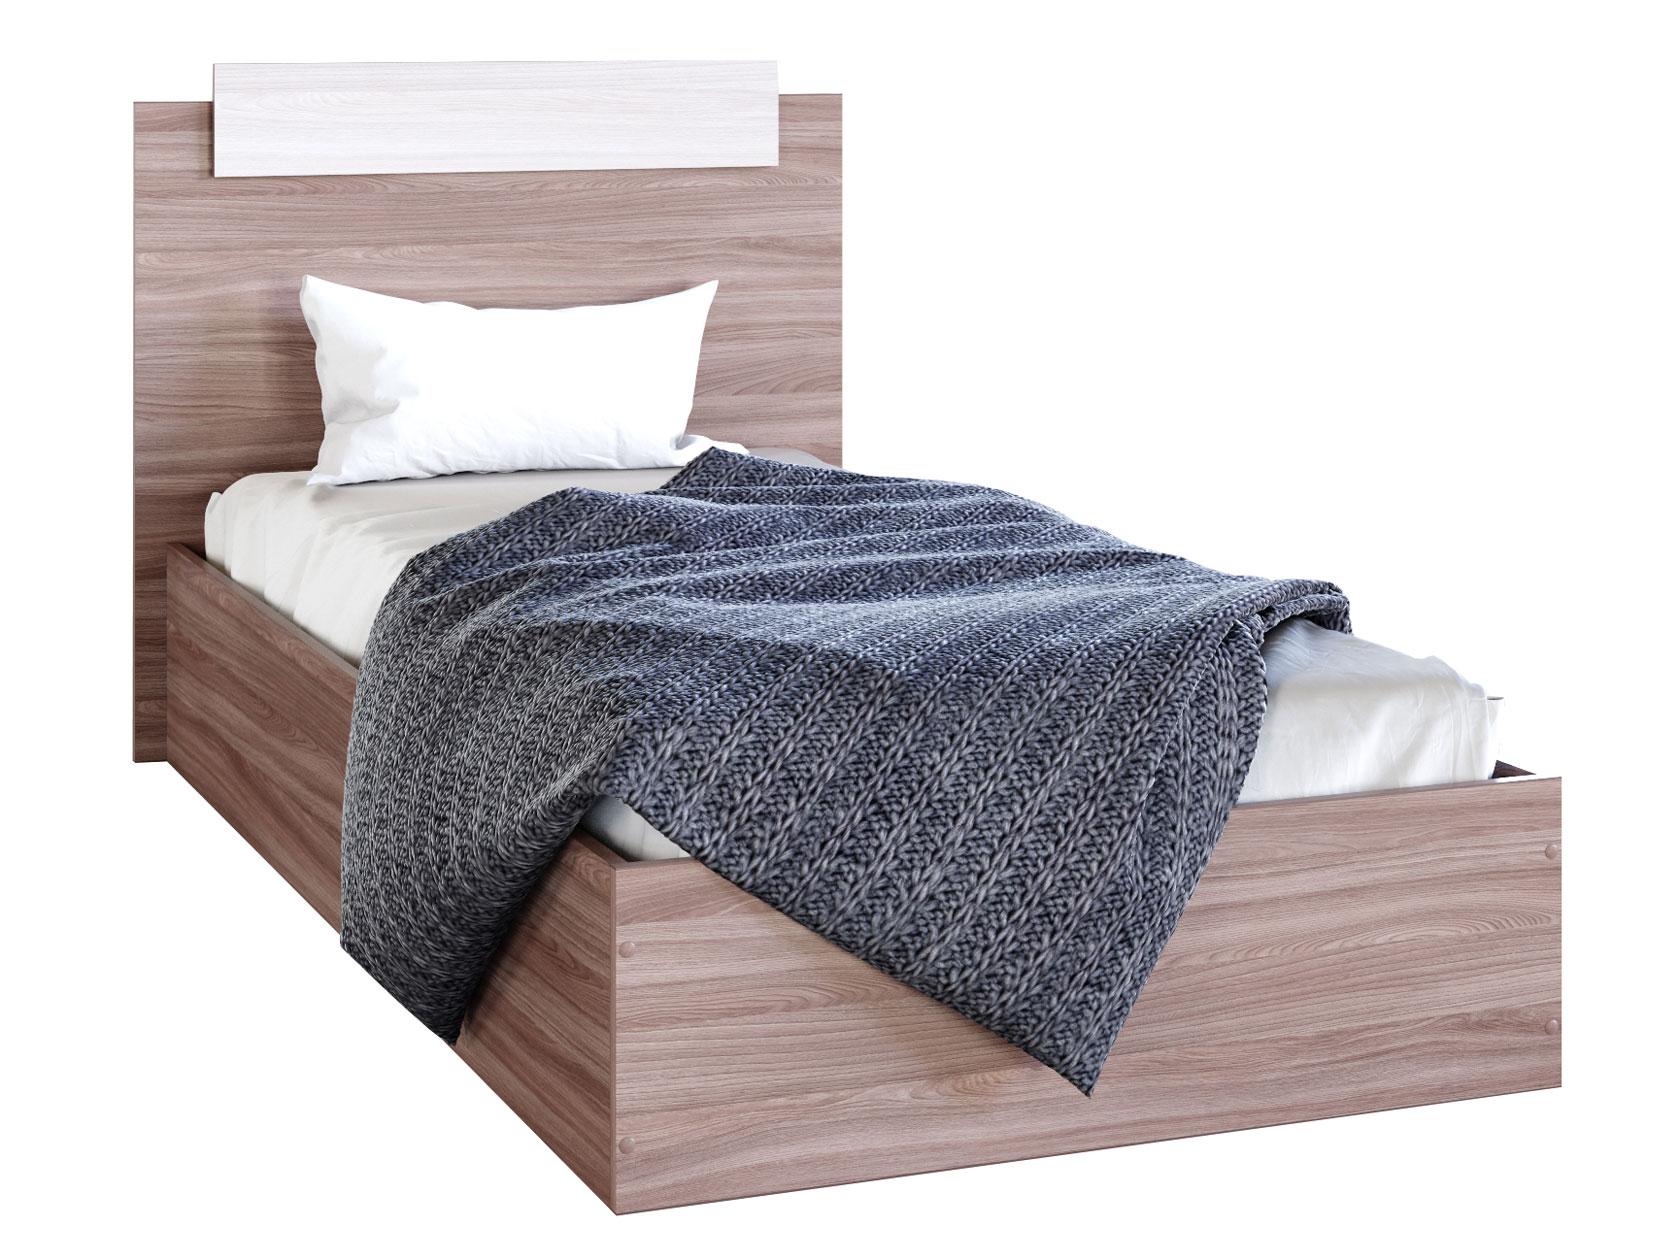 ♥ Односпальная кровать Кровать Эко фабрика Эра купить дешево в Москве и Спб